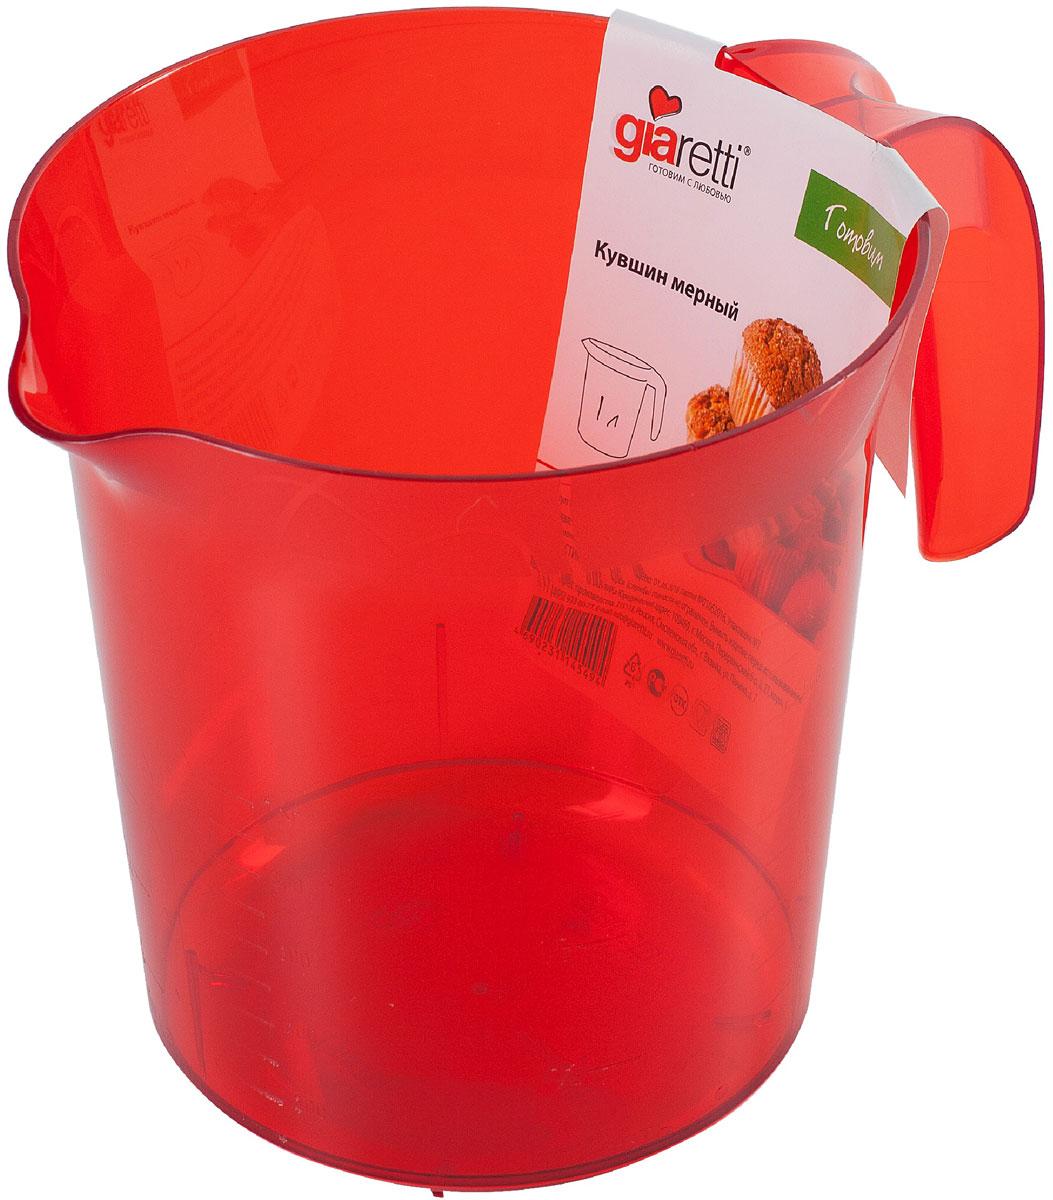 Стакан мерный Giaretti, цвет: красный, 1 лGR3056Мерный прозрачный стакан Giaretti выполнен из высококачественного пластика. Стакан оснащен удобной ручкой и носиком, которые делают изделие еще более простым в использовании. Он позволяет мерить жидкости до 1 л. Удобная форма стакана позволяет как отмерить необходимое количество продукта, так и взбить/замесить его непосредственно в прямо в этой же емкости.Такой стаканчик пригодится каждой хозяйке на кухне, ведь зачастую приготовление некоторых блюд требует известной точности.Объем: 1 л.Диаметр (по верхнему краю): 13,5 см.Высота: 15 см.